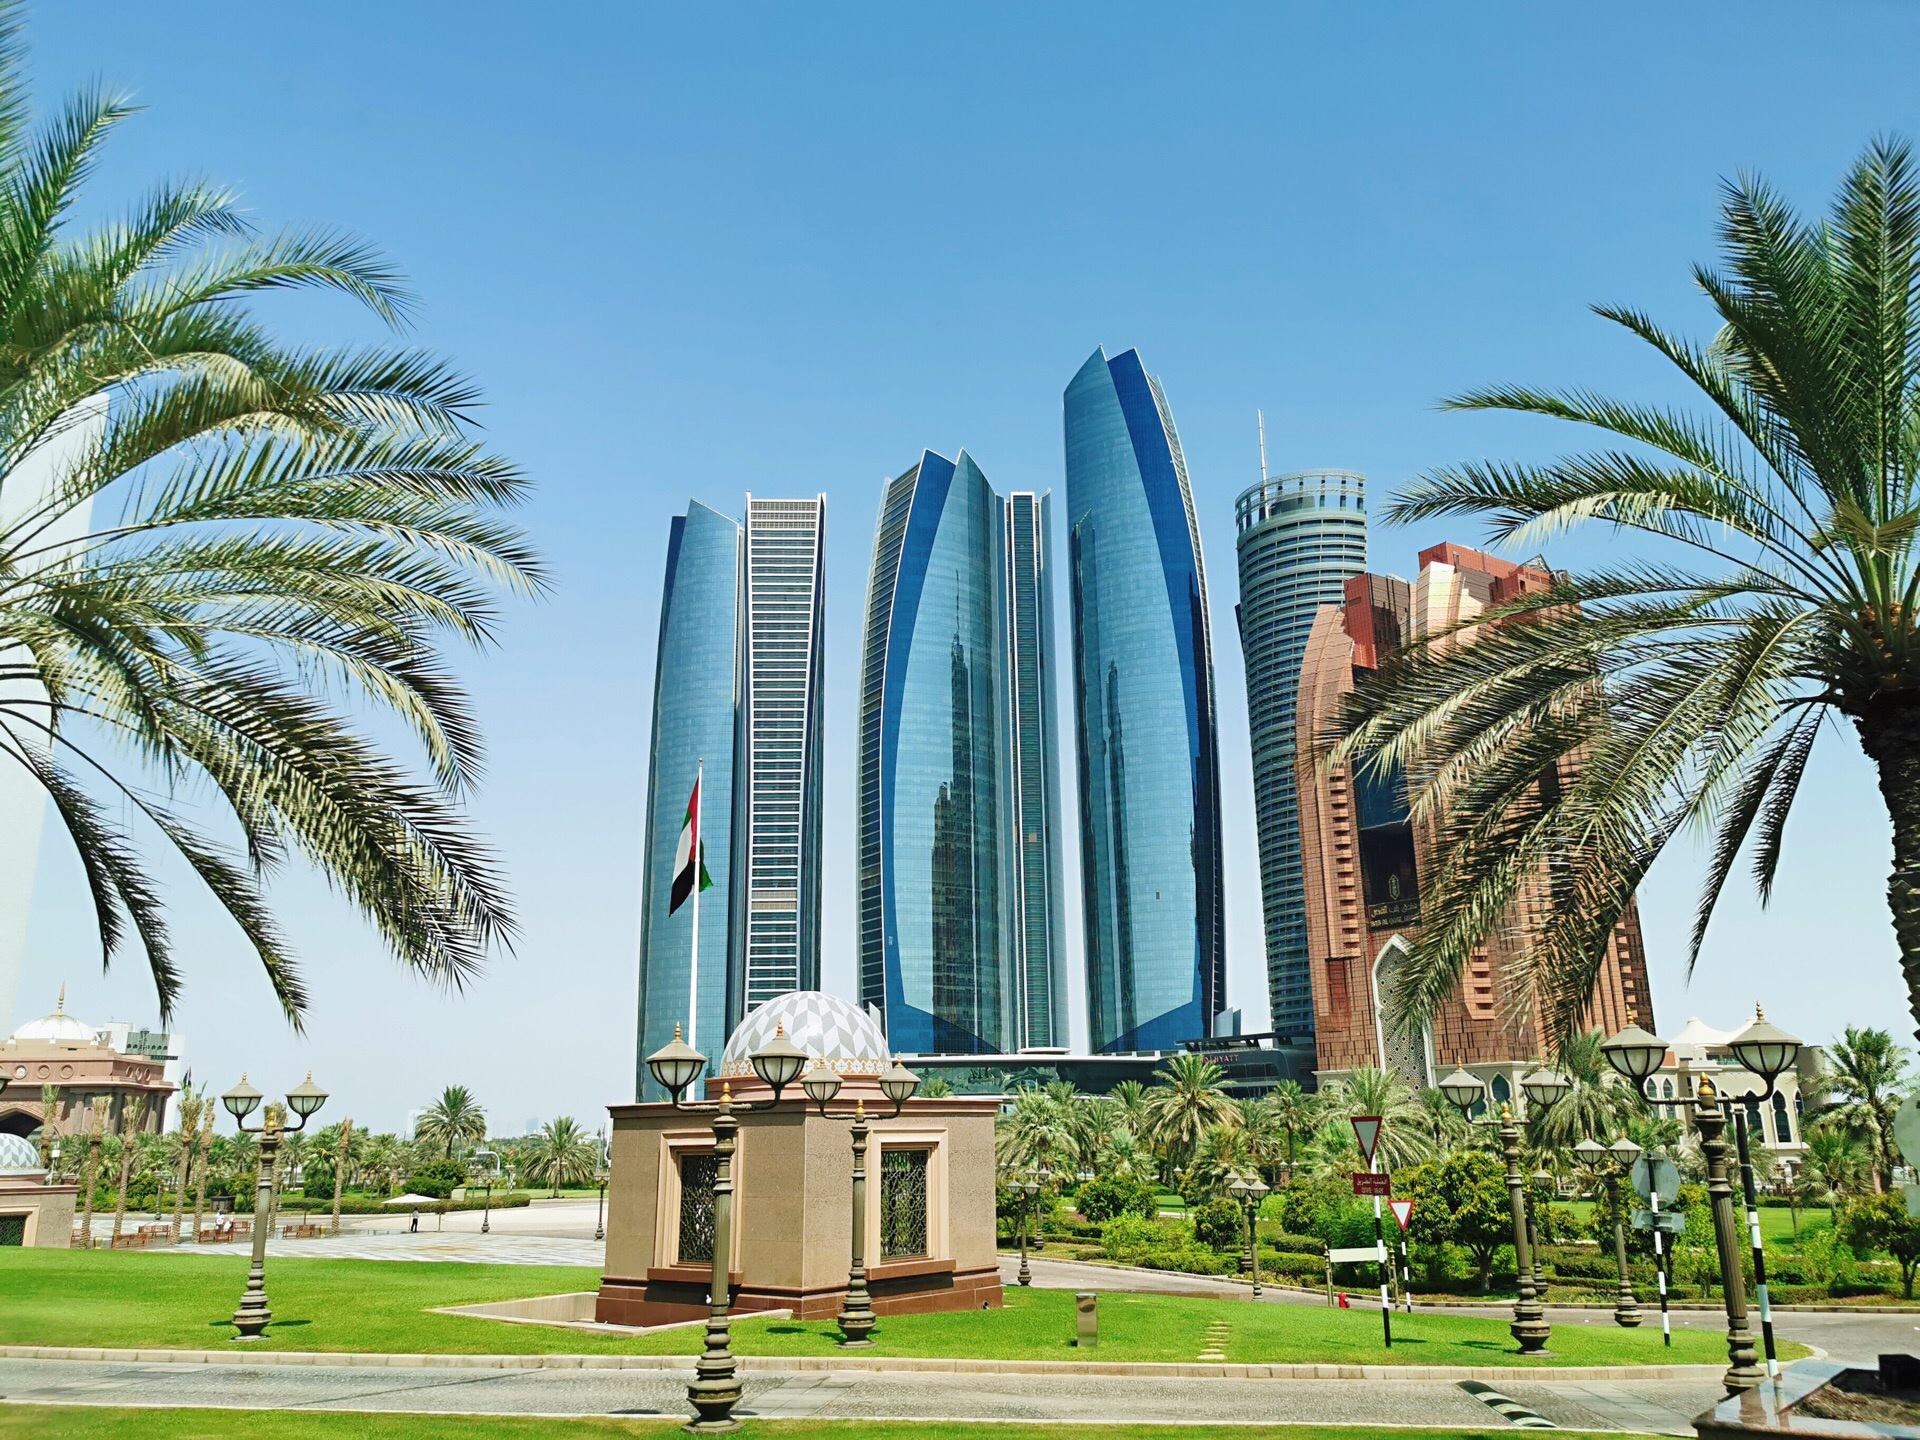 西亚 阿联酋 阿布扎比 阿提哈德大厦 速度与激情7取景地